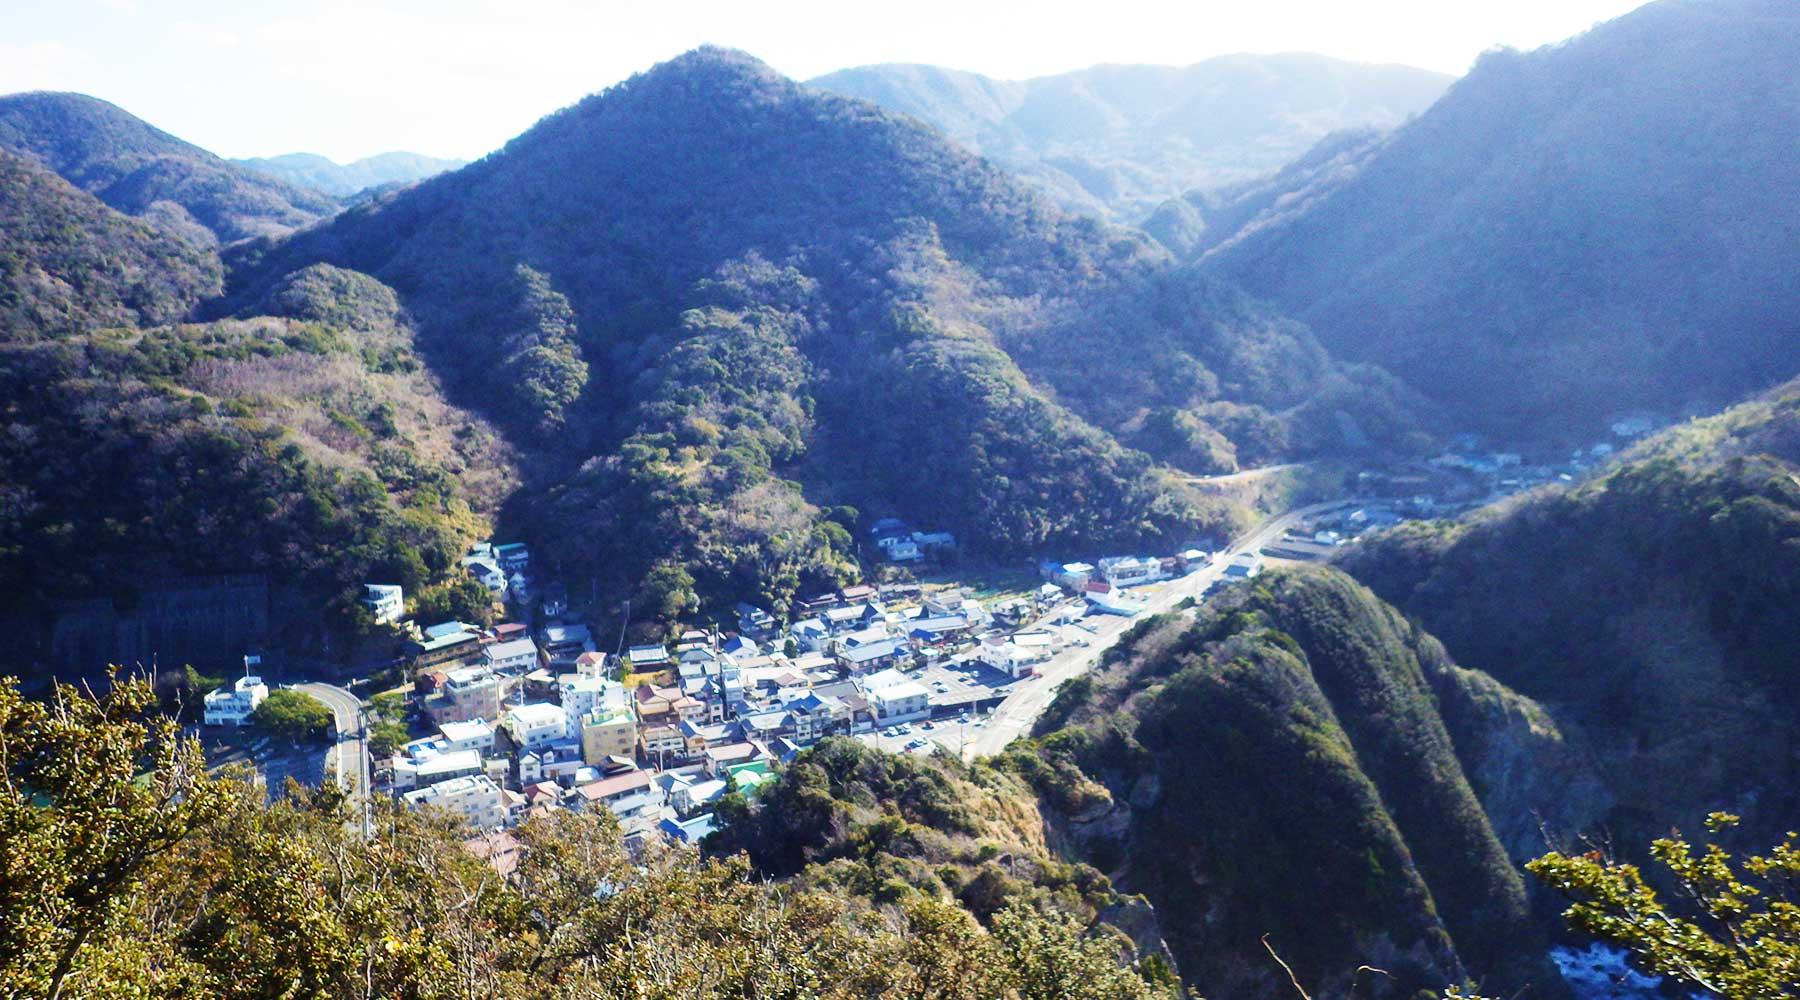 烏帽子山山頂(雲見浅間神社本殿)からみた雲見集落